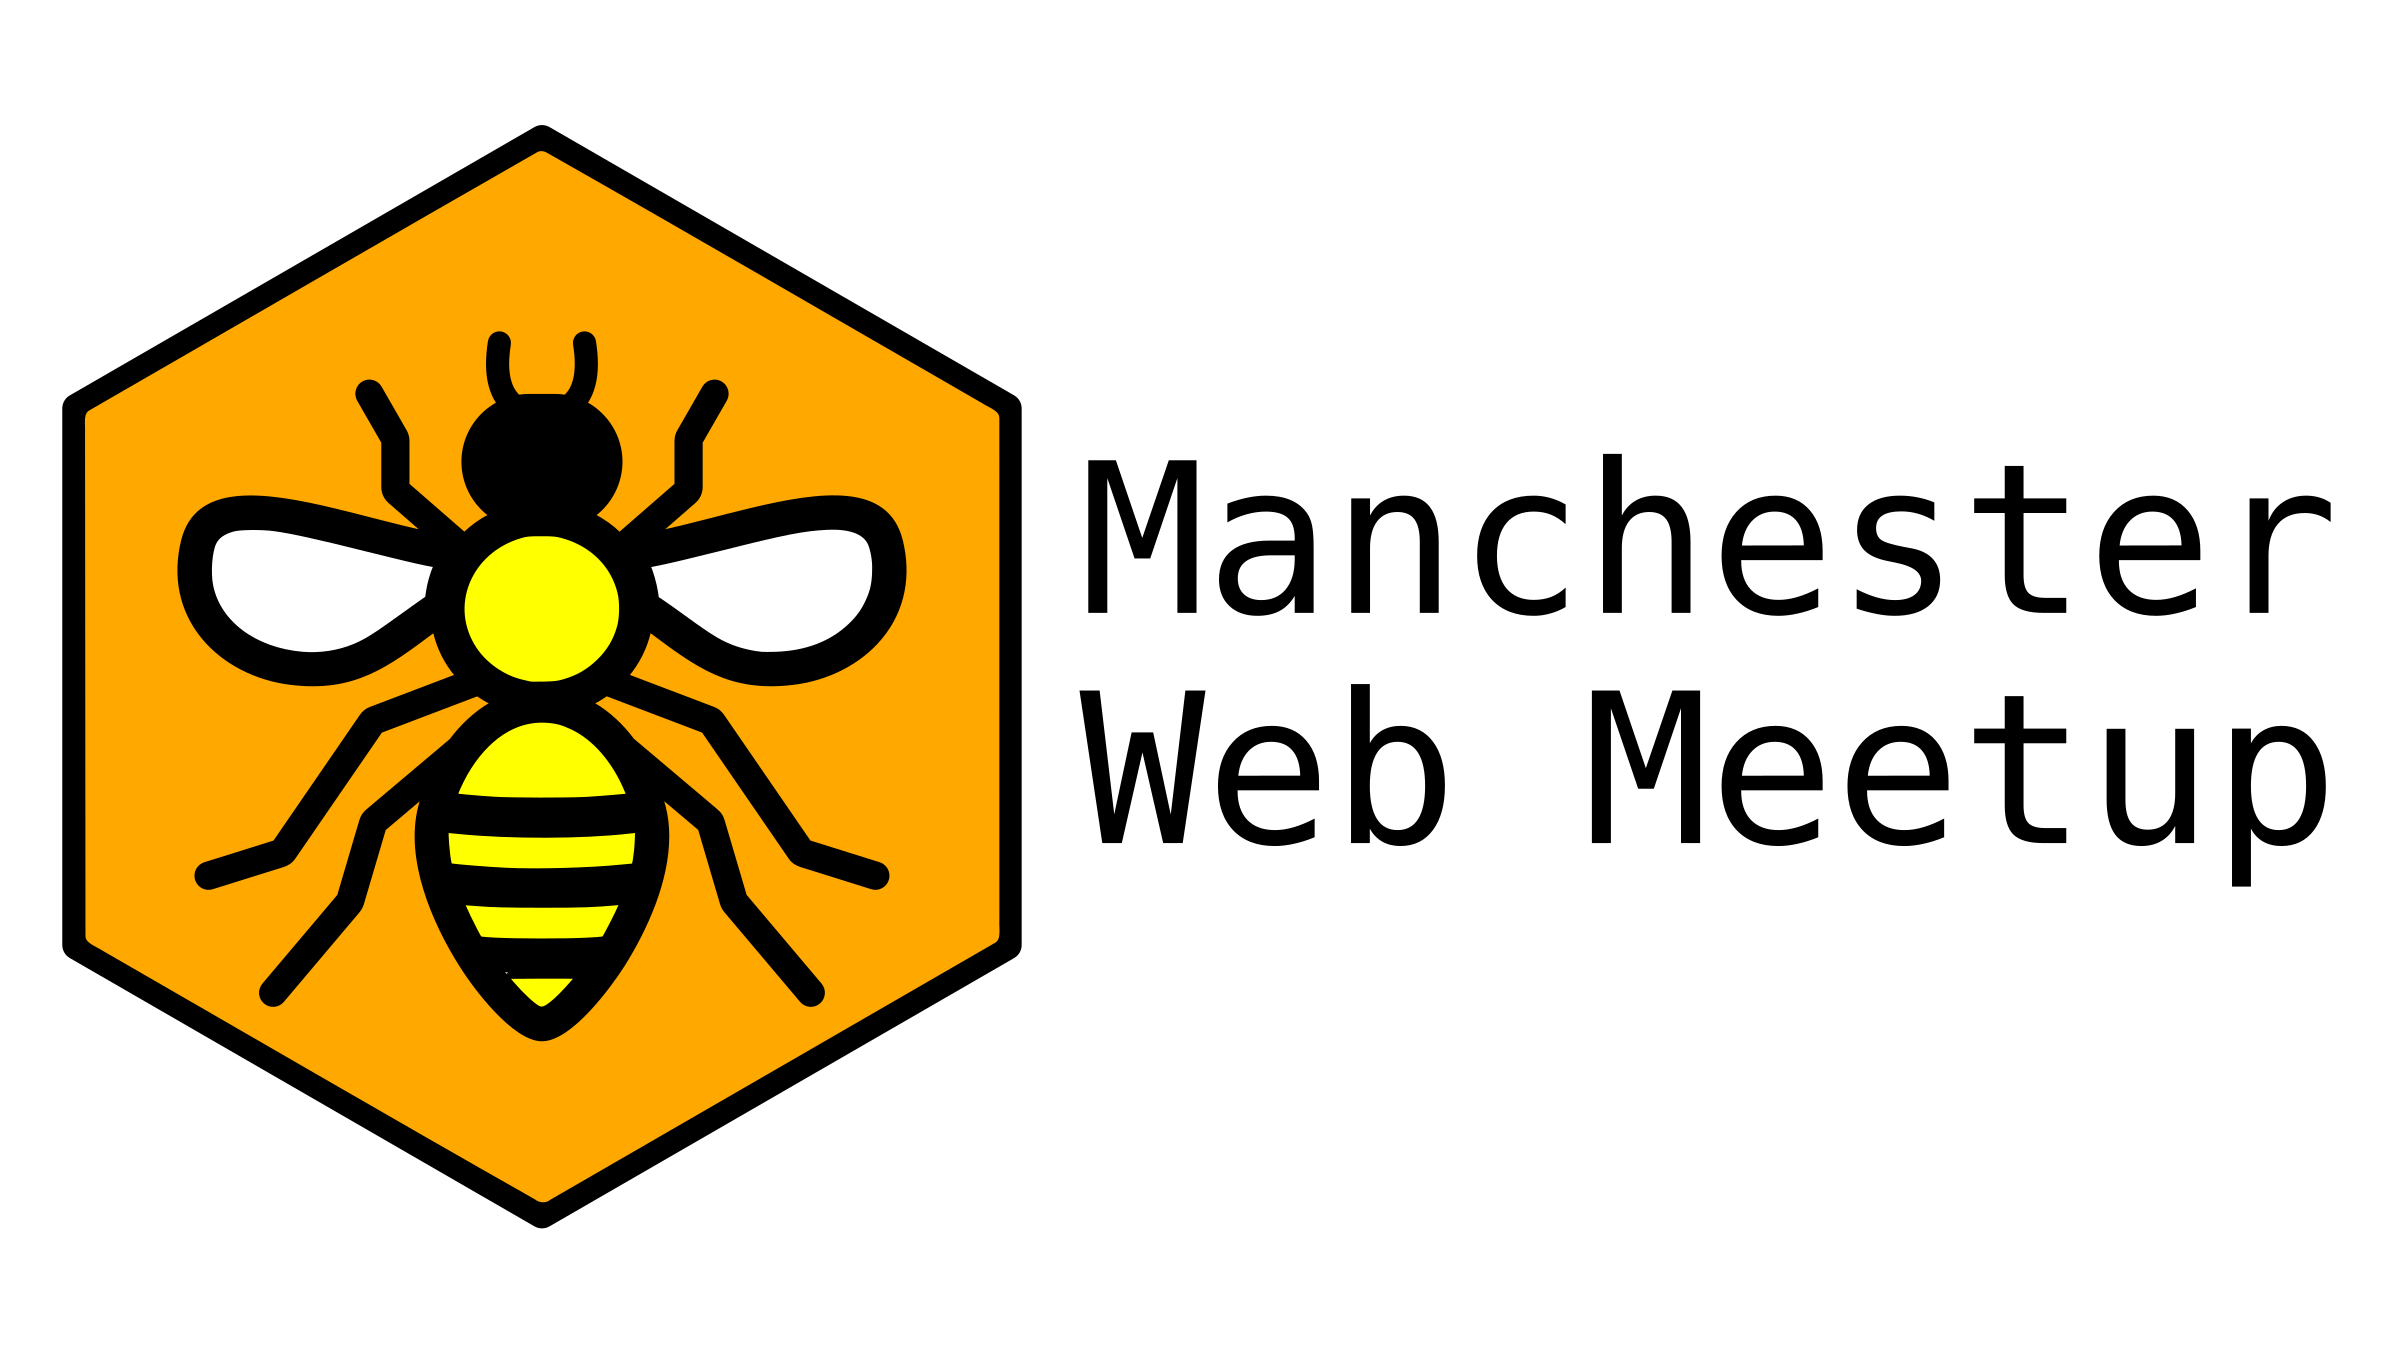 Manchester Web Meetup